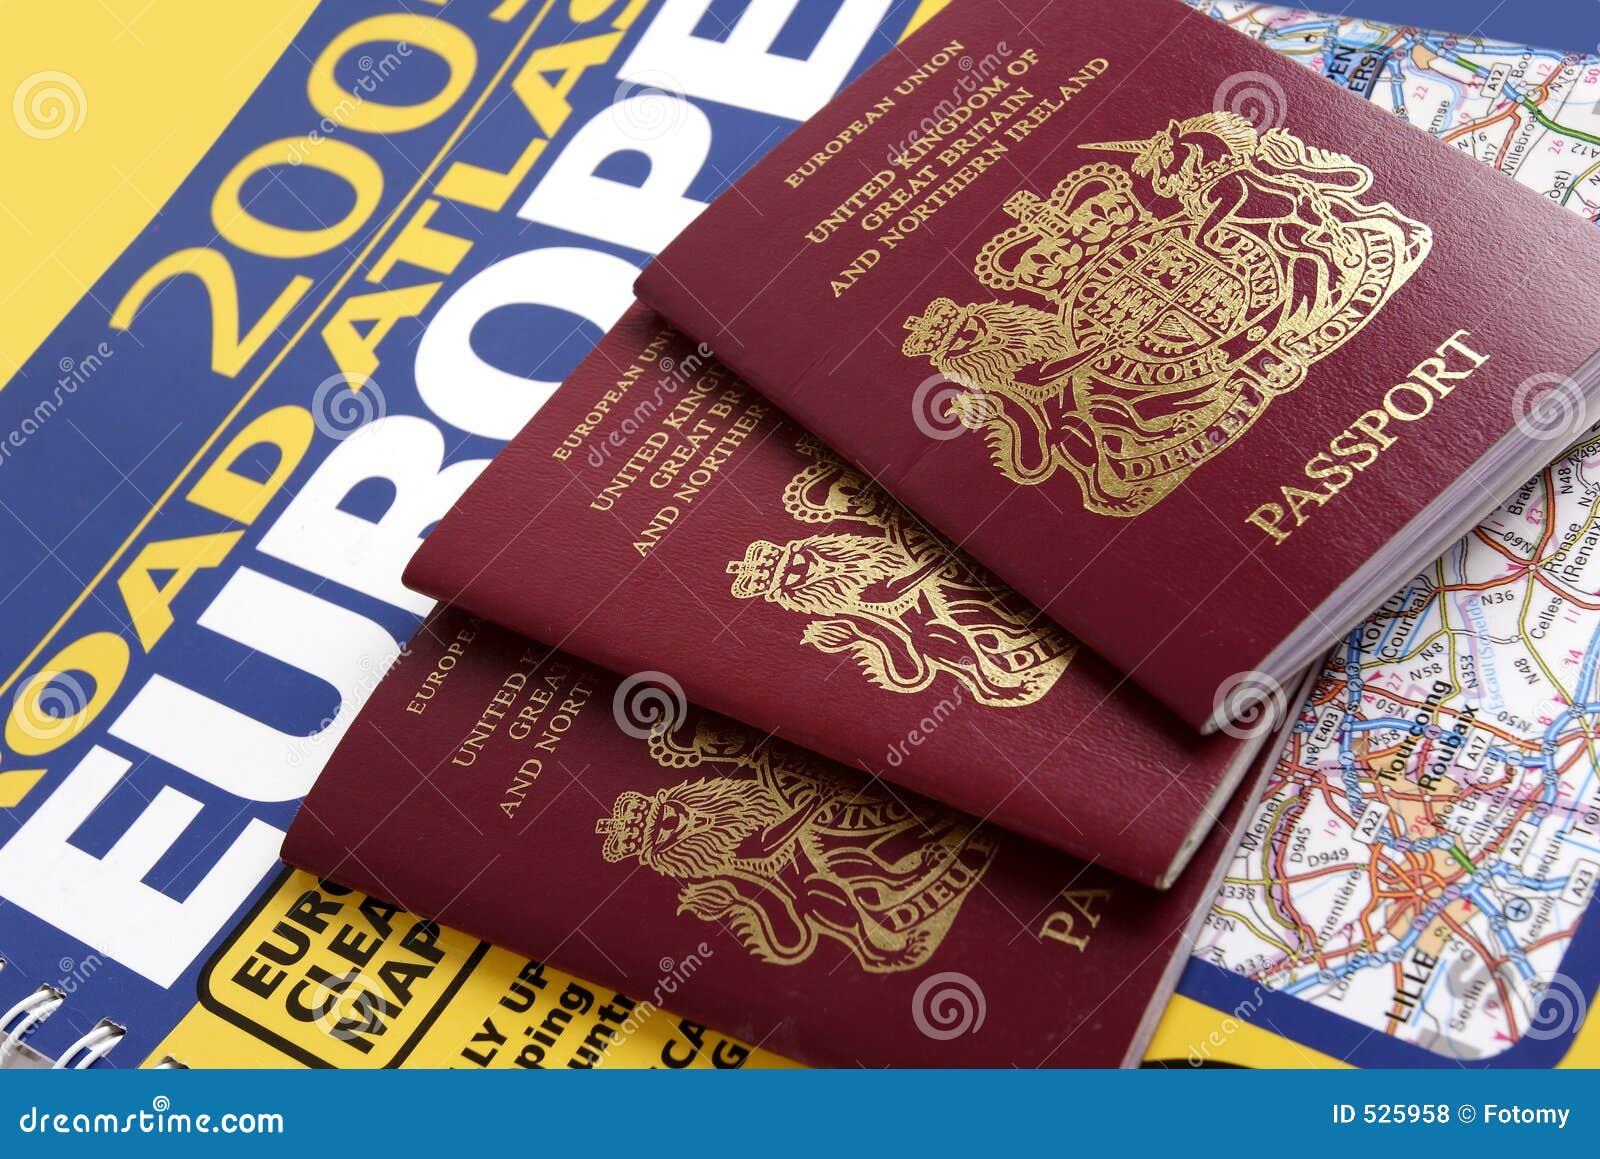 βρετανικό διαβατήριο